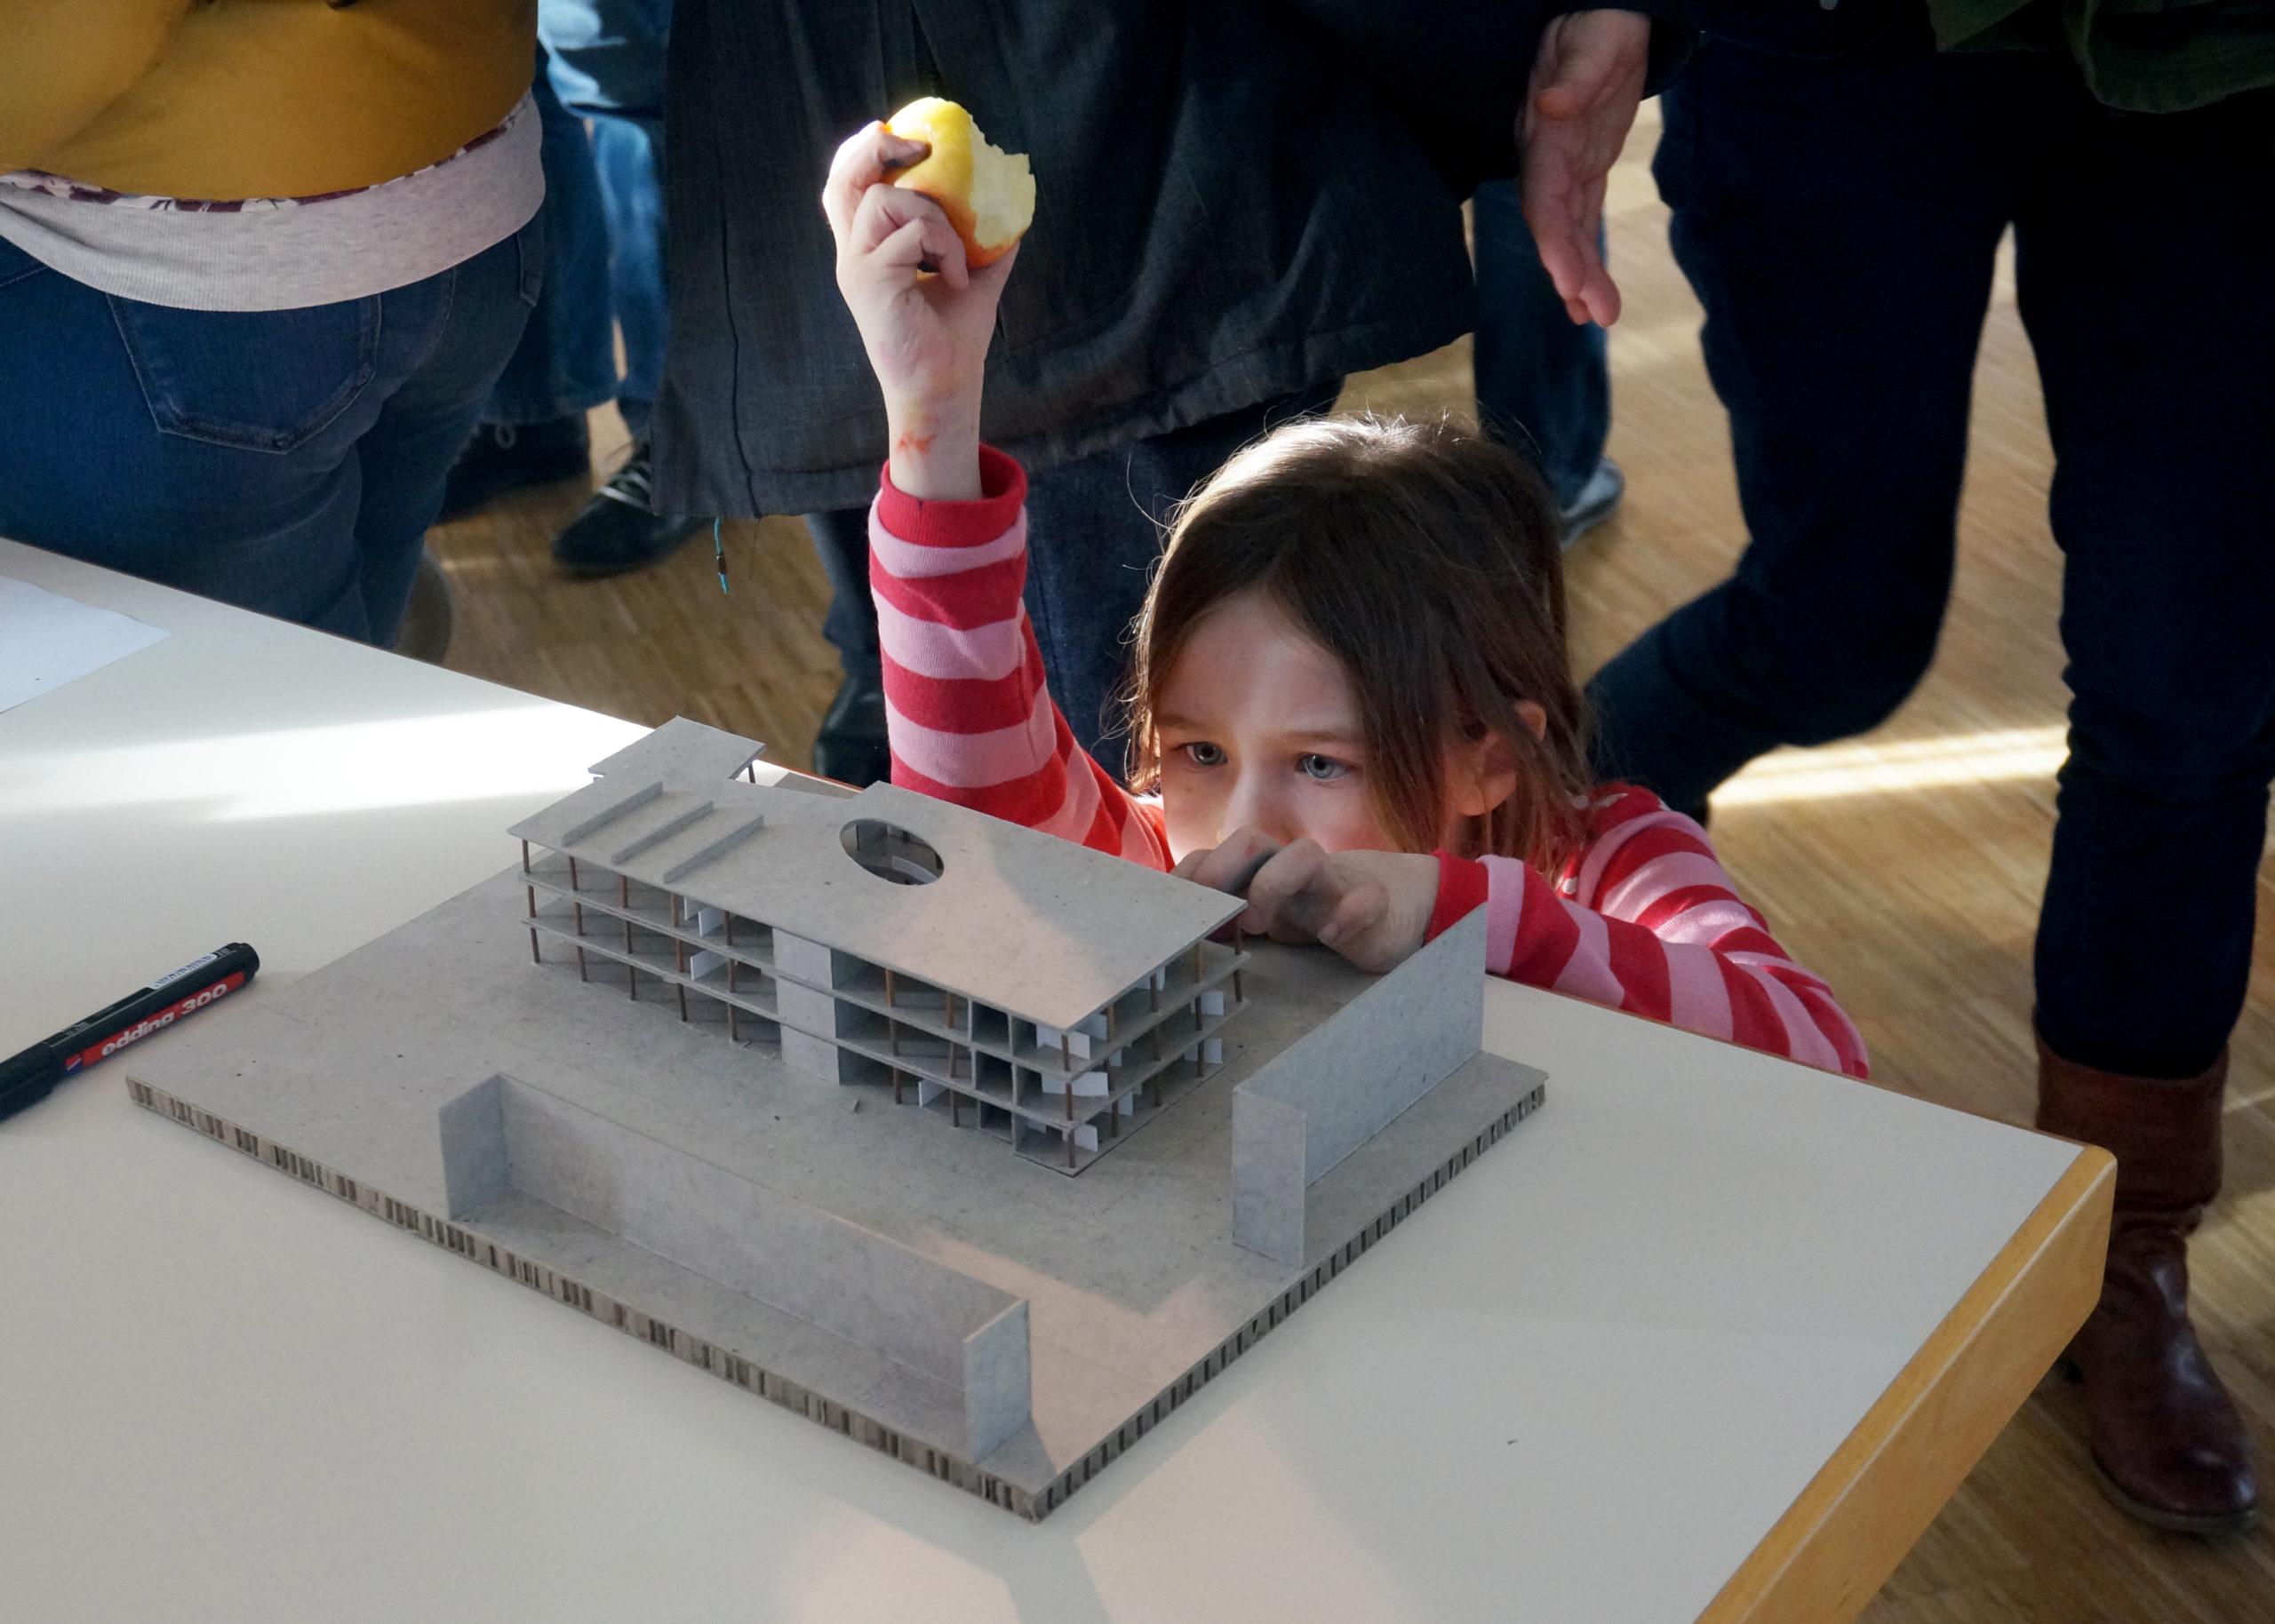 Junge Besucherin steht auf Augenhöhe mit Architekturmodell und betrachtet es. Dabei hält sie einen angebissenen Apfel in die Luft.